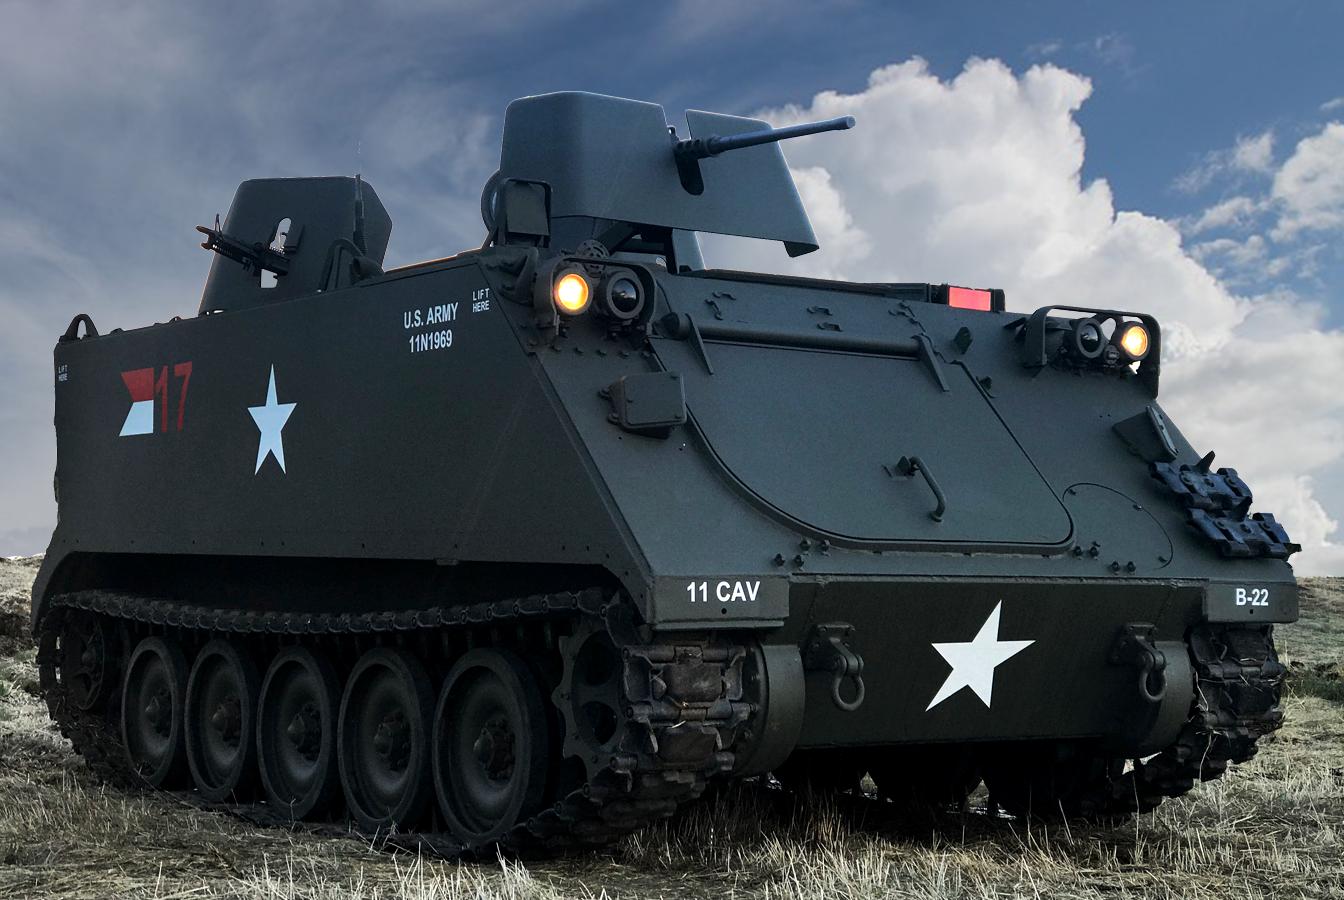 M113A1 ACAV